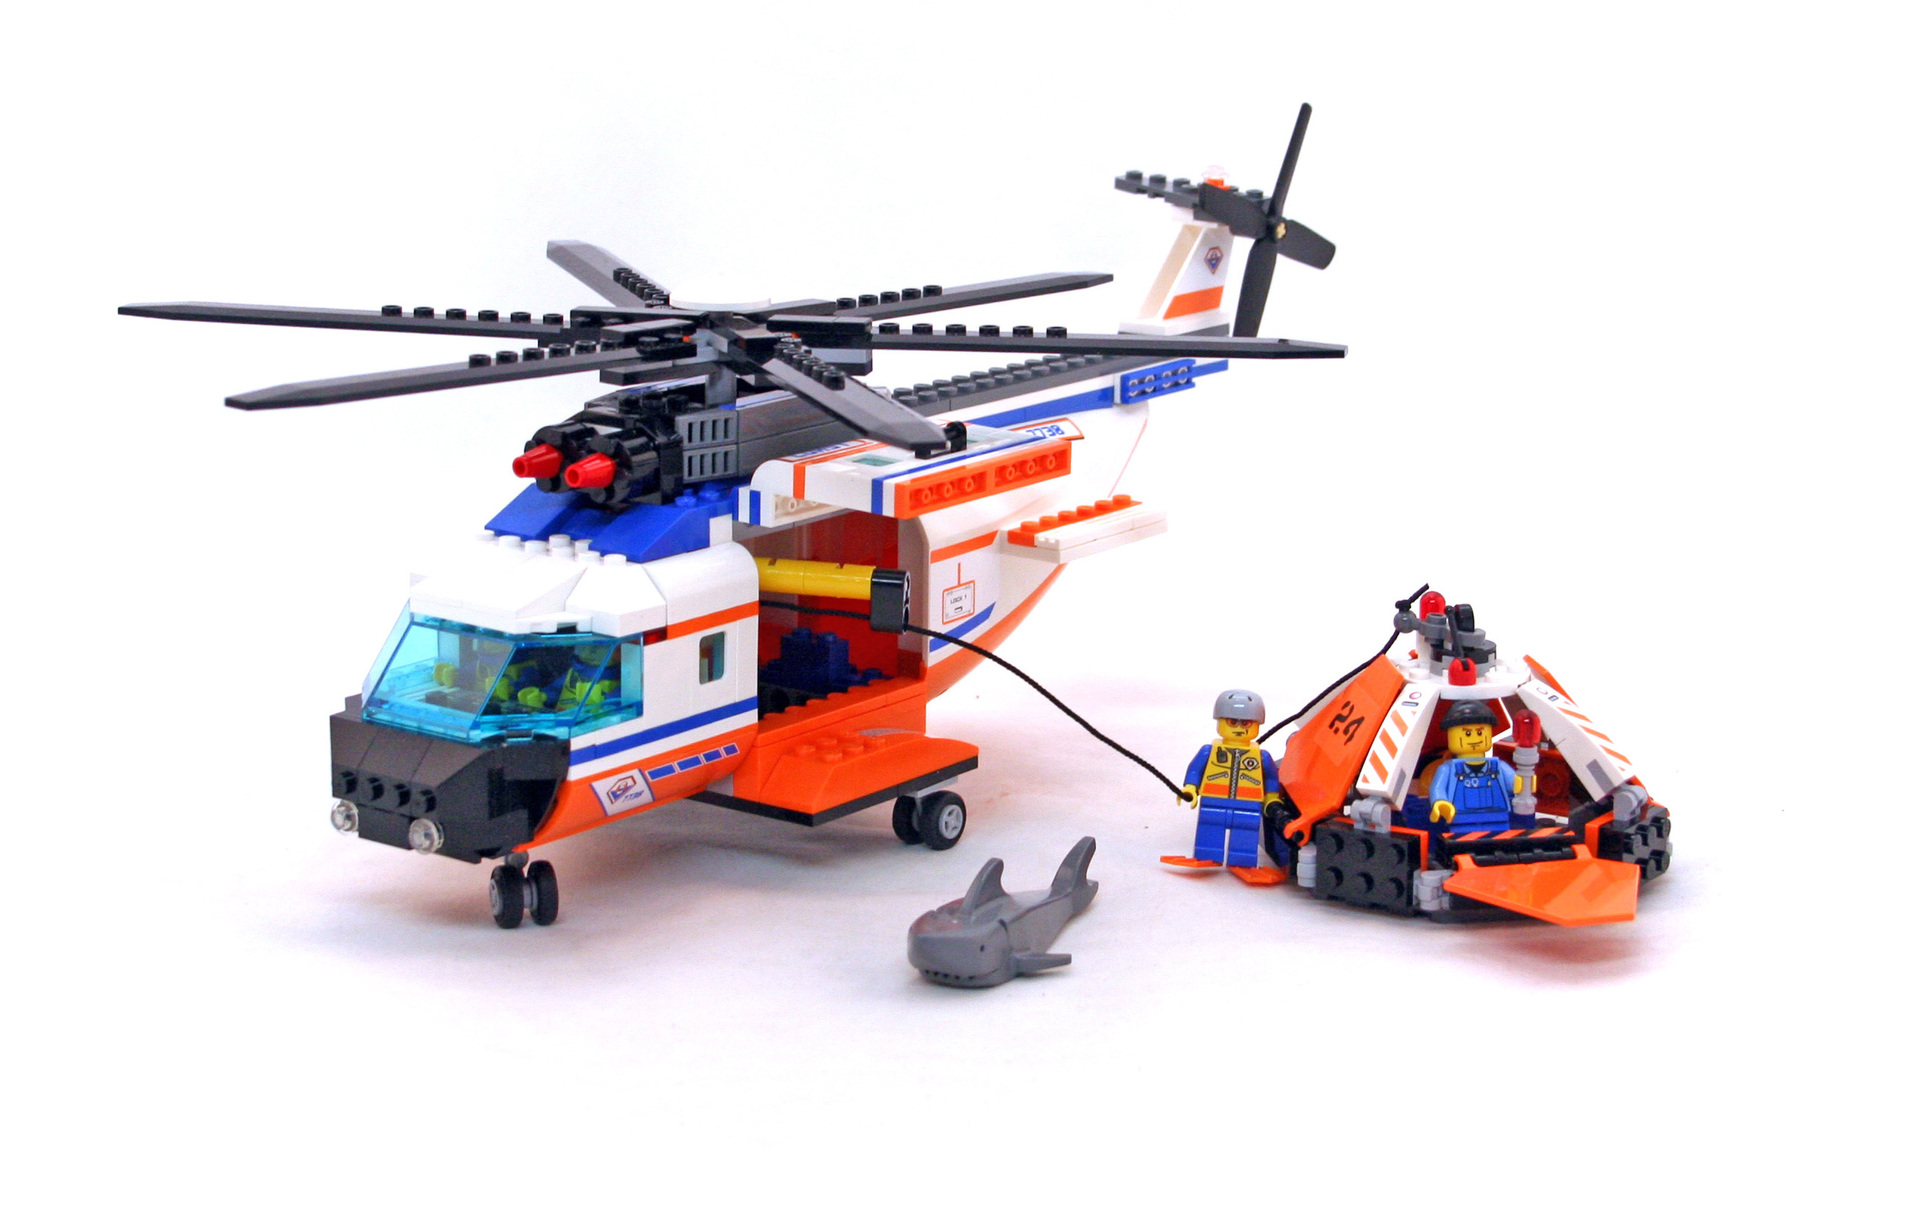 Coast Guard Helicopter & Life Raft - LEGO set #7738-1 ...